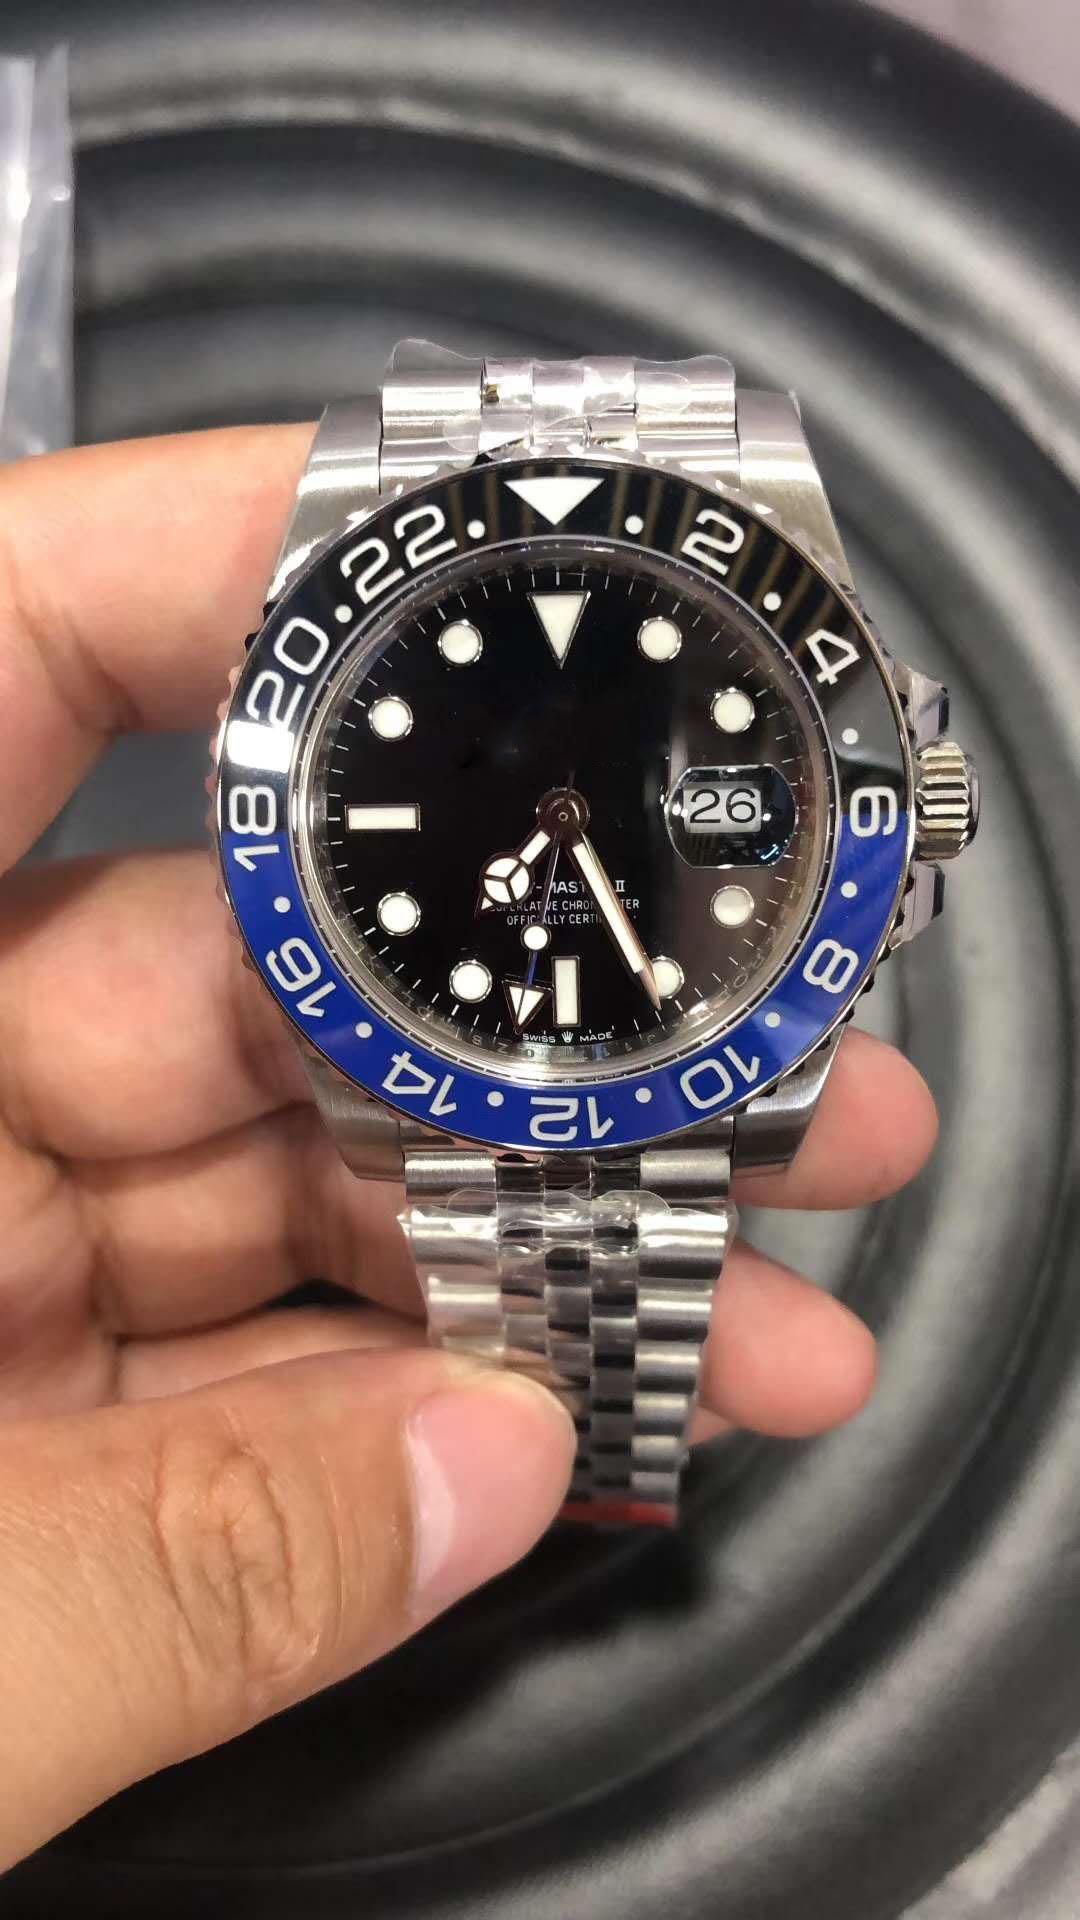 Siyah Seramik Bezel Basel Asya 2813 Mekanik Otomatik 40mm Erkek geneva Saatler ile Dial gmt Erkek Yüksek kaliteli BP son sürümü 126.710